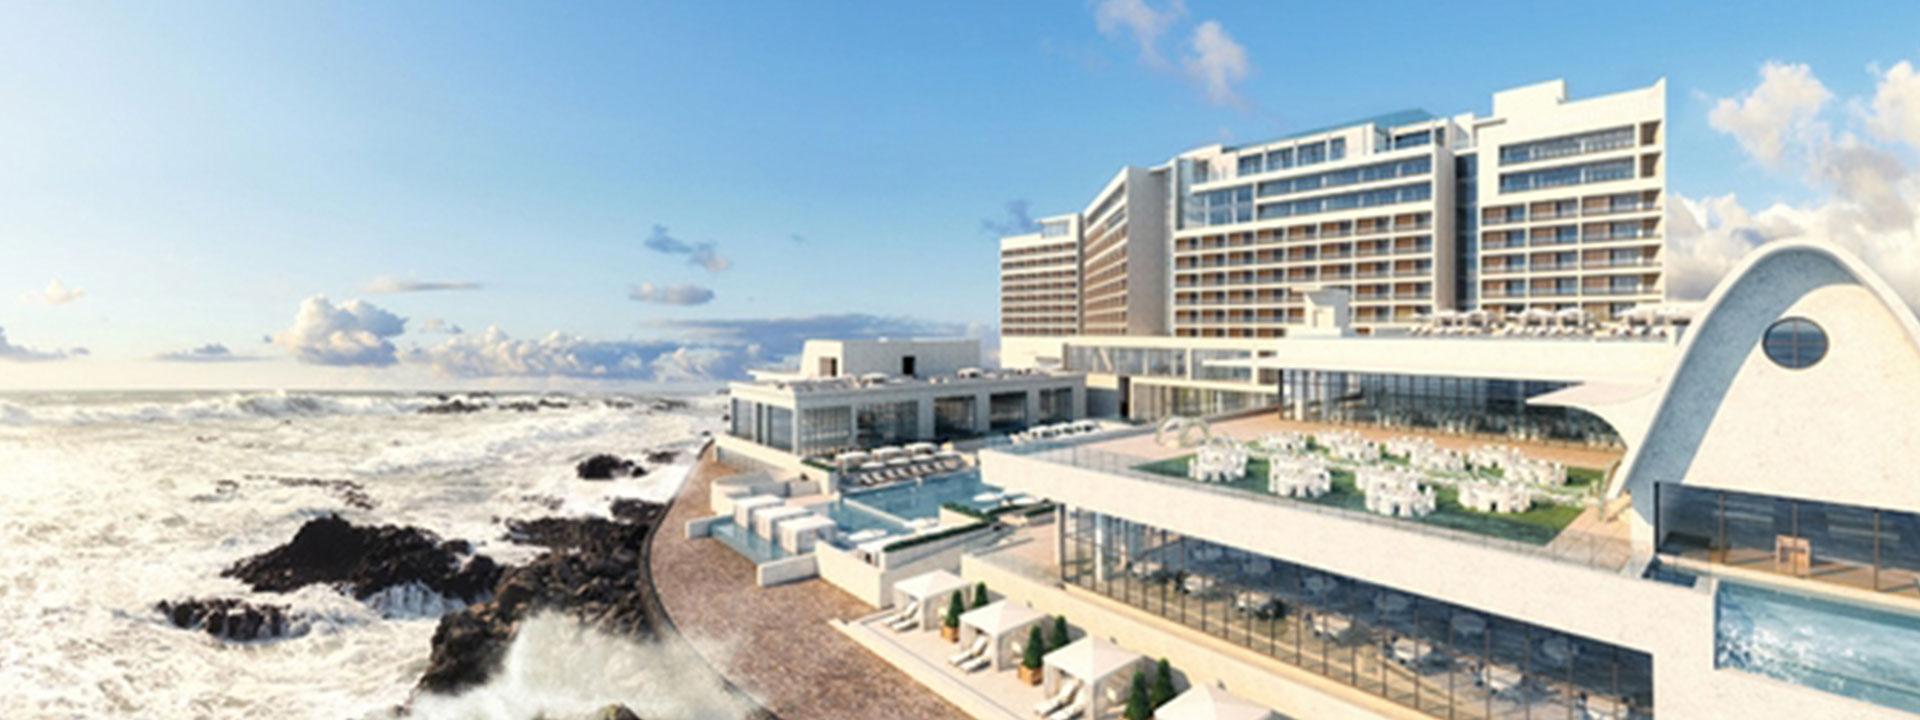 hilton hotels resort. Black Bedroom Furniture Sets. Home Design Ideas